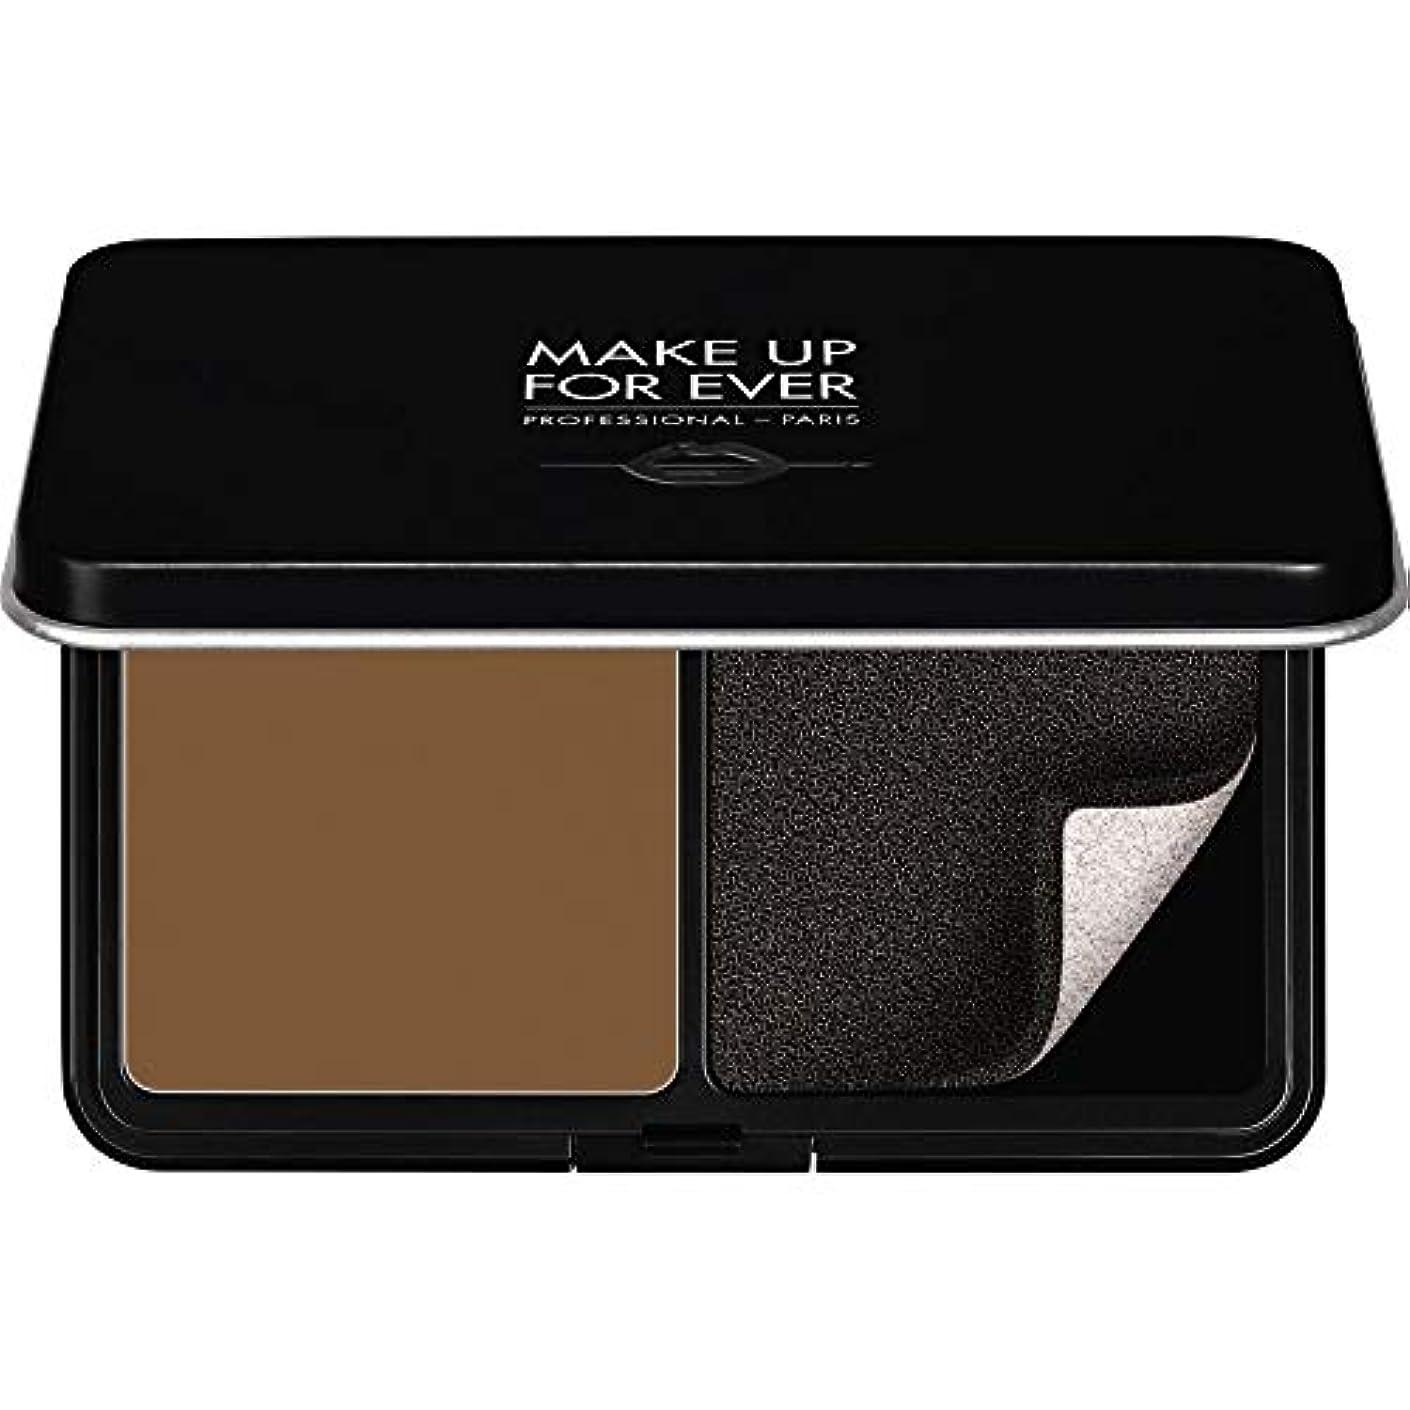 錆びドメイン主権者[MAKE UP FOR EVER] パウダーファンデーション11GののR540をぼかし、これまでマットベルベットの肌を補う - ダークブラウン - MAKE UP FOR EVER Matte Velvet Skin...